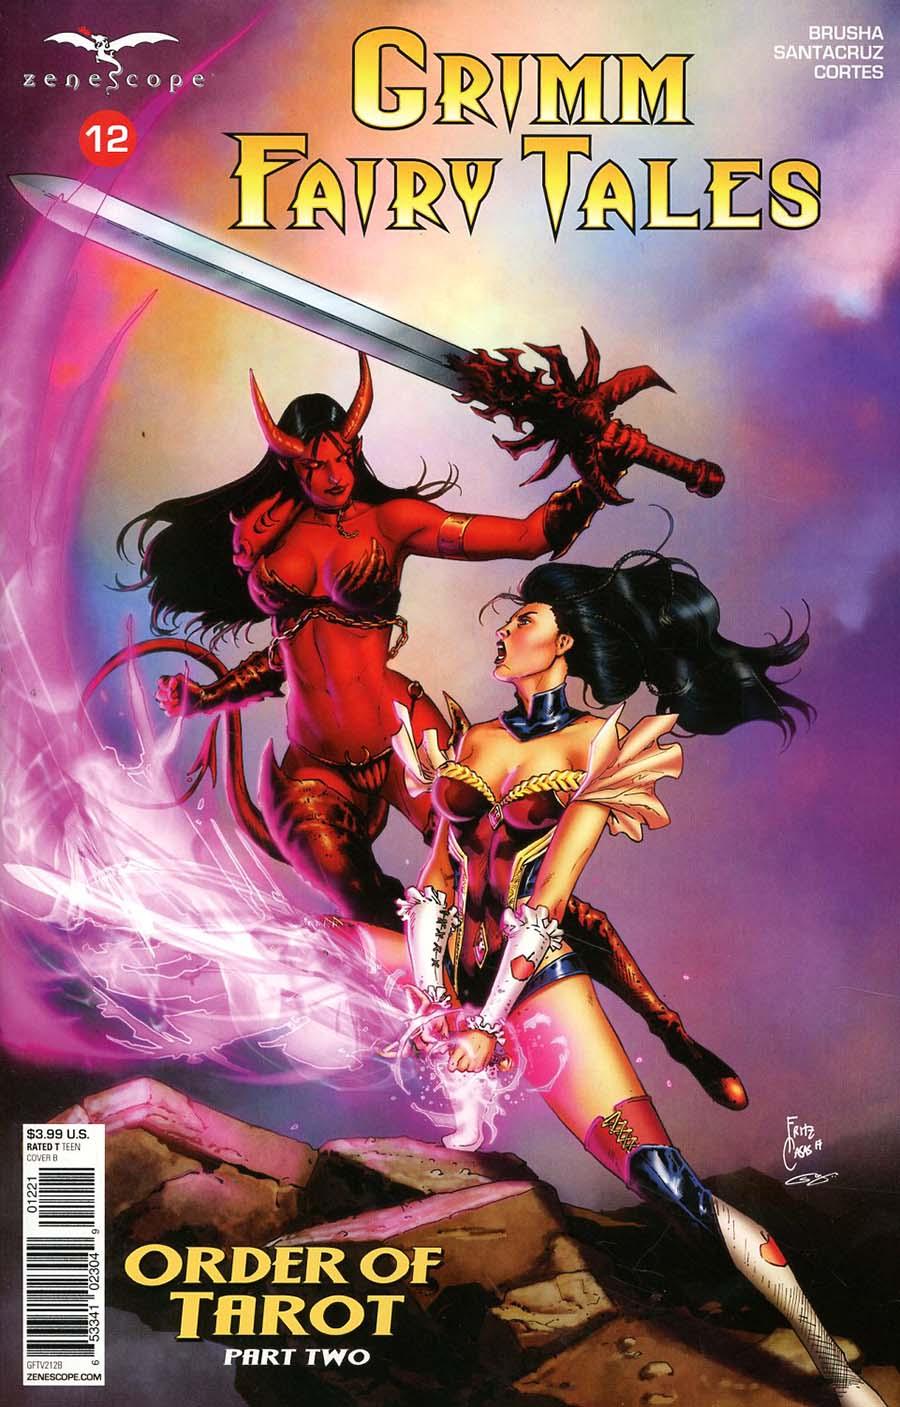 Grimm Fairy Tales Vol 2 #12 Cover B Fritz Casas